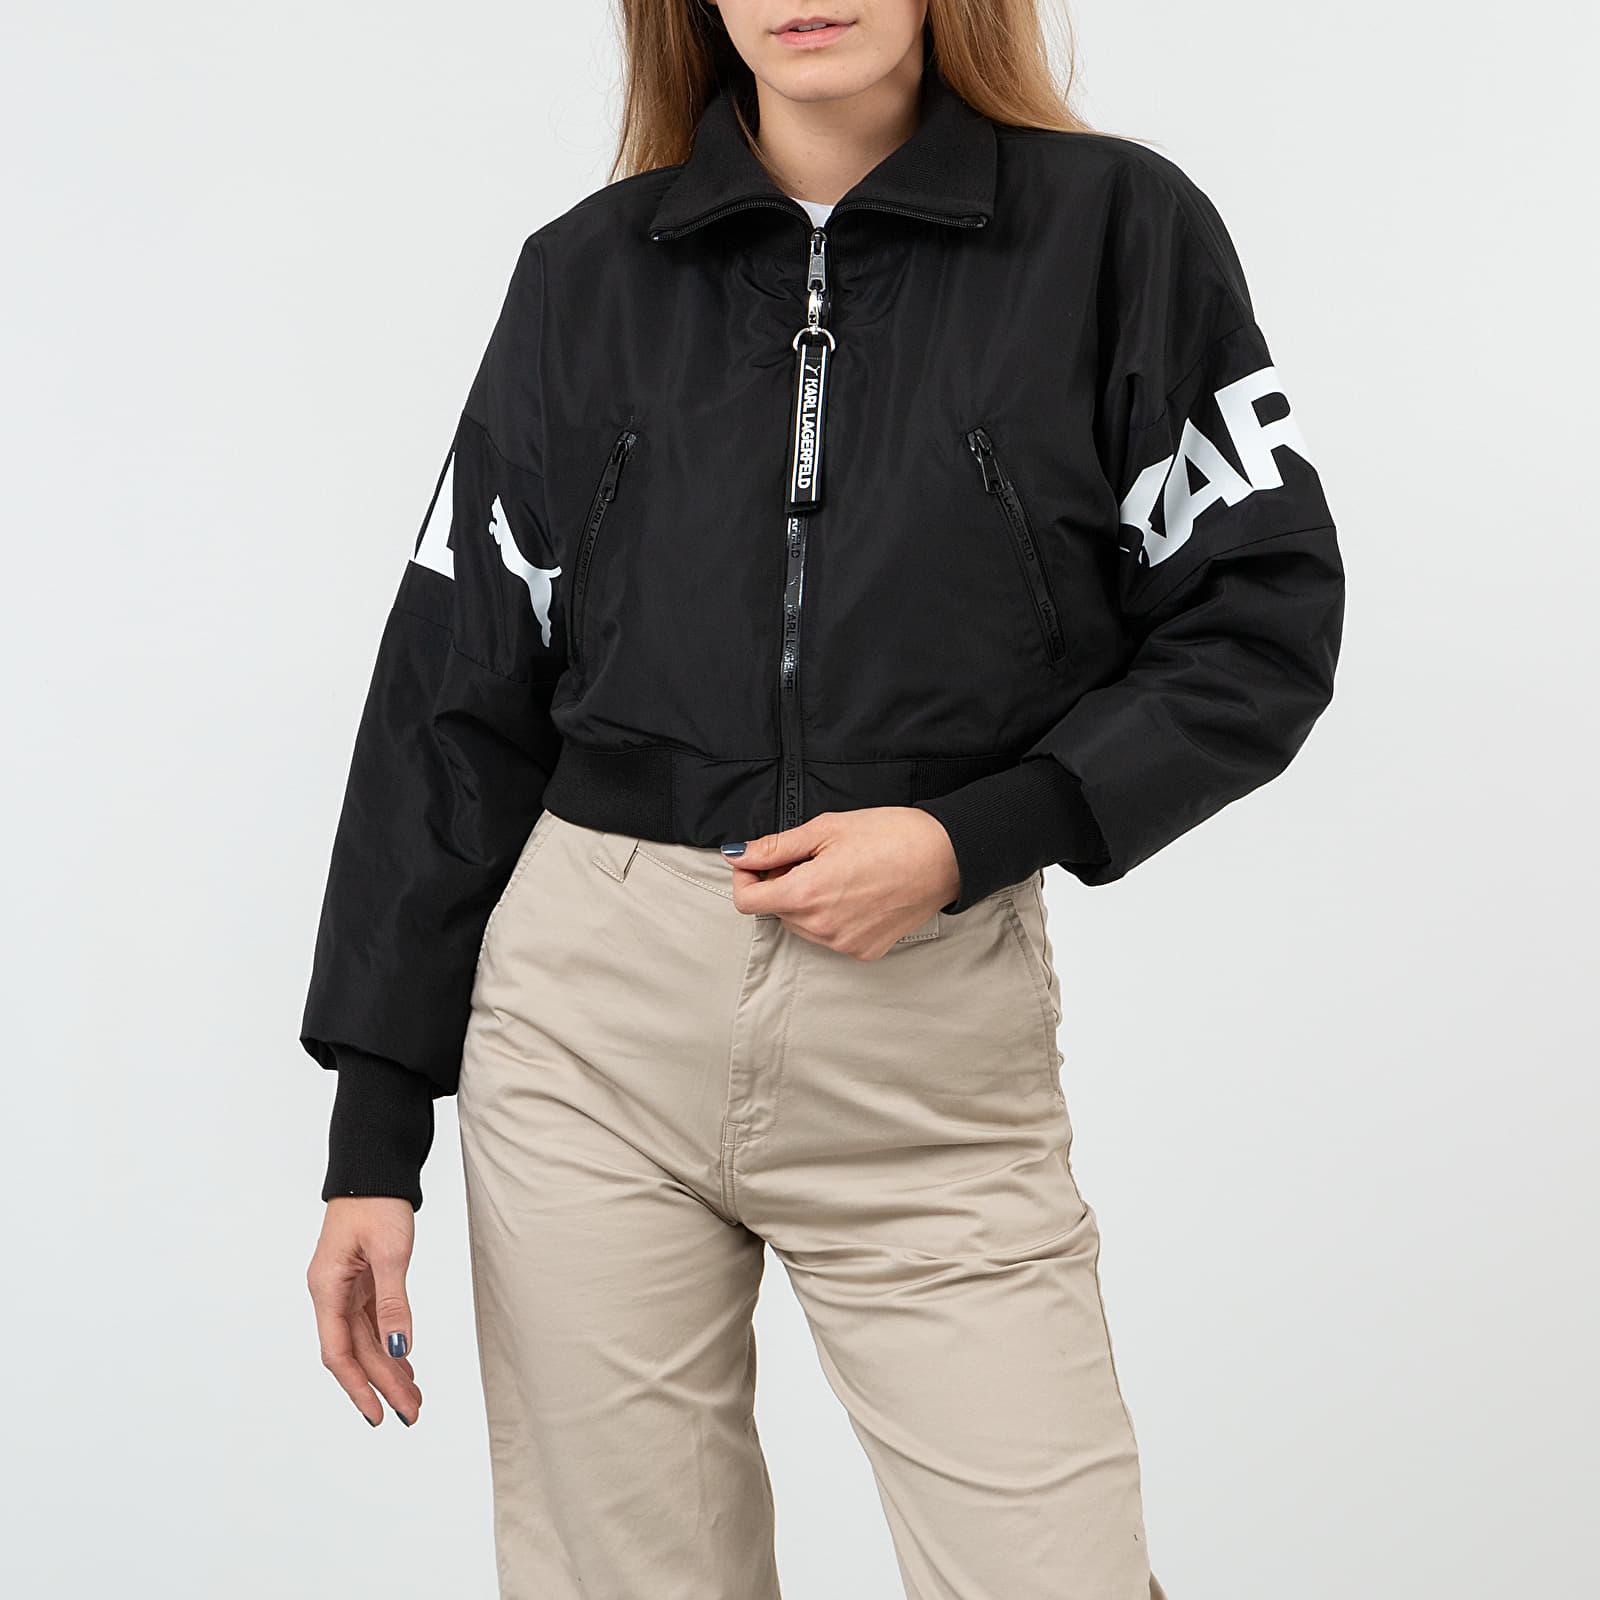 Puma x Karl Lagerfeld Bomber